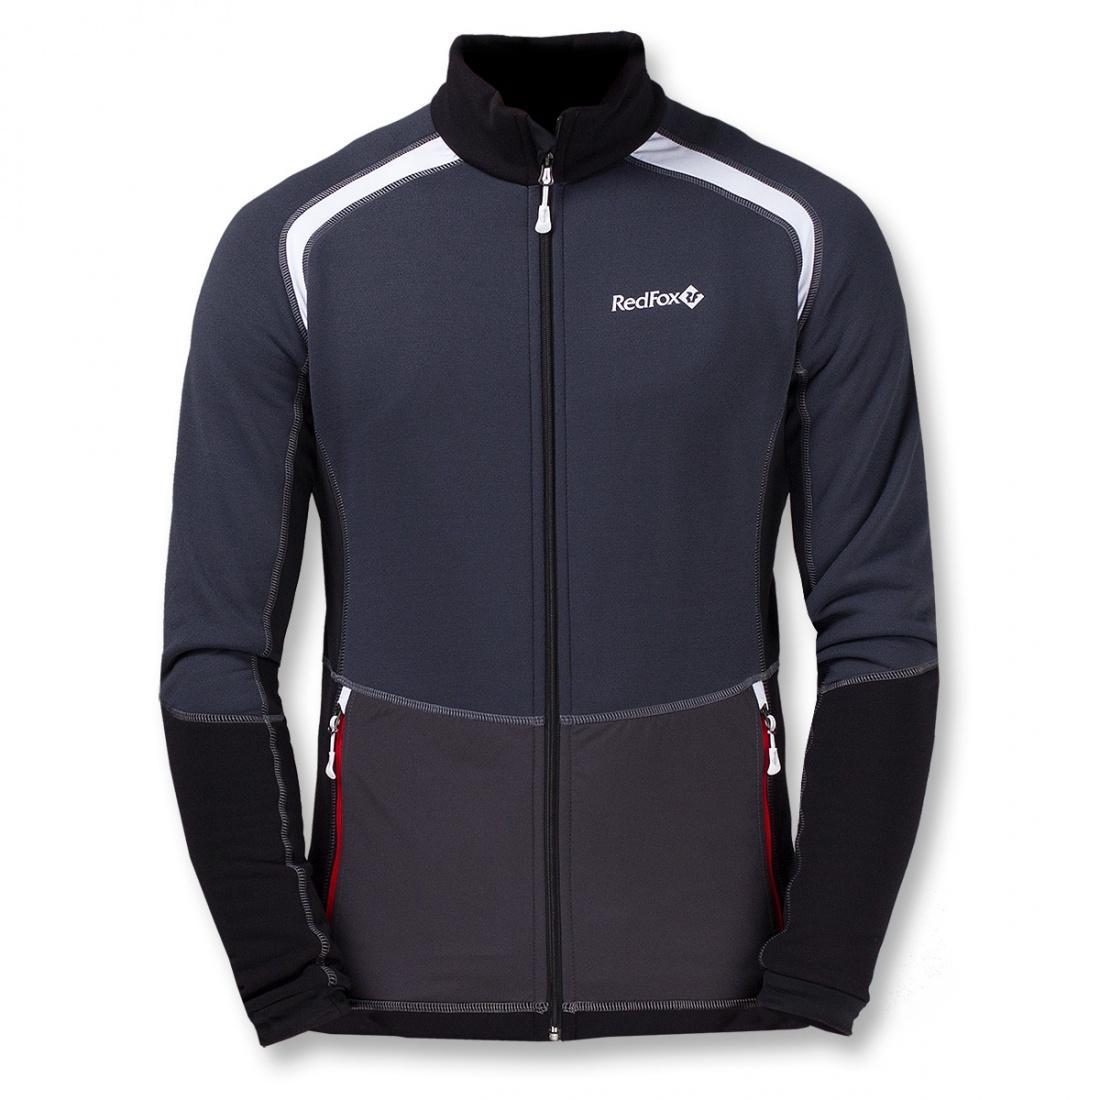 Куртка St.Line МужскаяКуртки<br><br> Легкая спортивная куртка на молнии из материалаPolartec® Power Stretch® Pro.Можно использовать в качестве промежуточного или<br> верхнего утепляющего слоя.<br><br><br> Основные характеристики:<br><br><br>анатомическая приталенная ...<br><br>Цвет: Темно-серый<br>Размер: 54